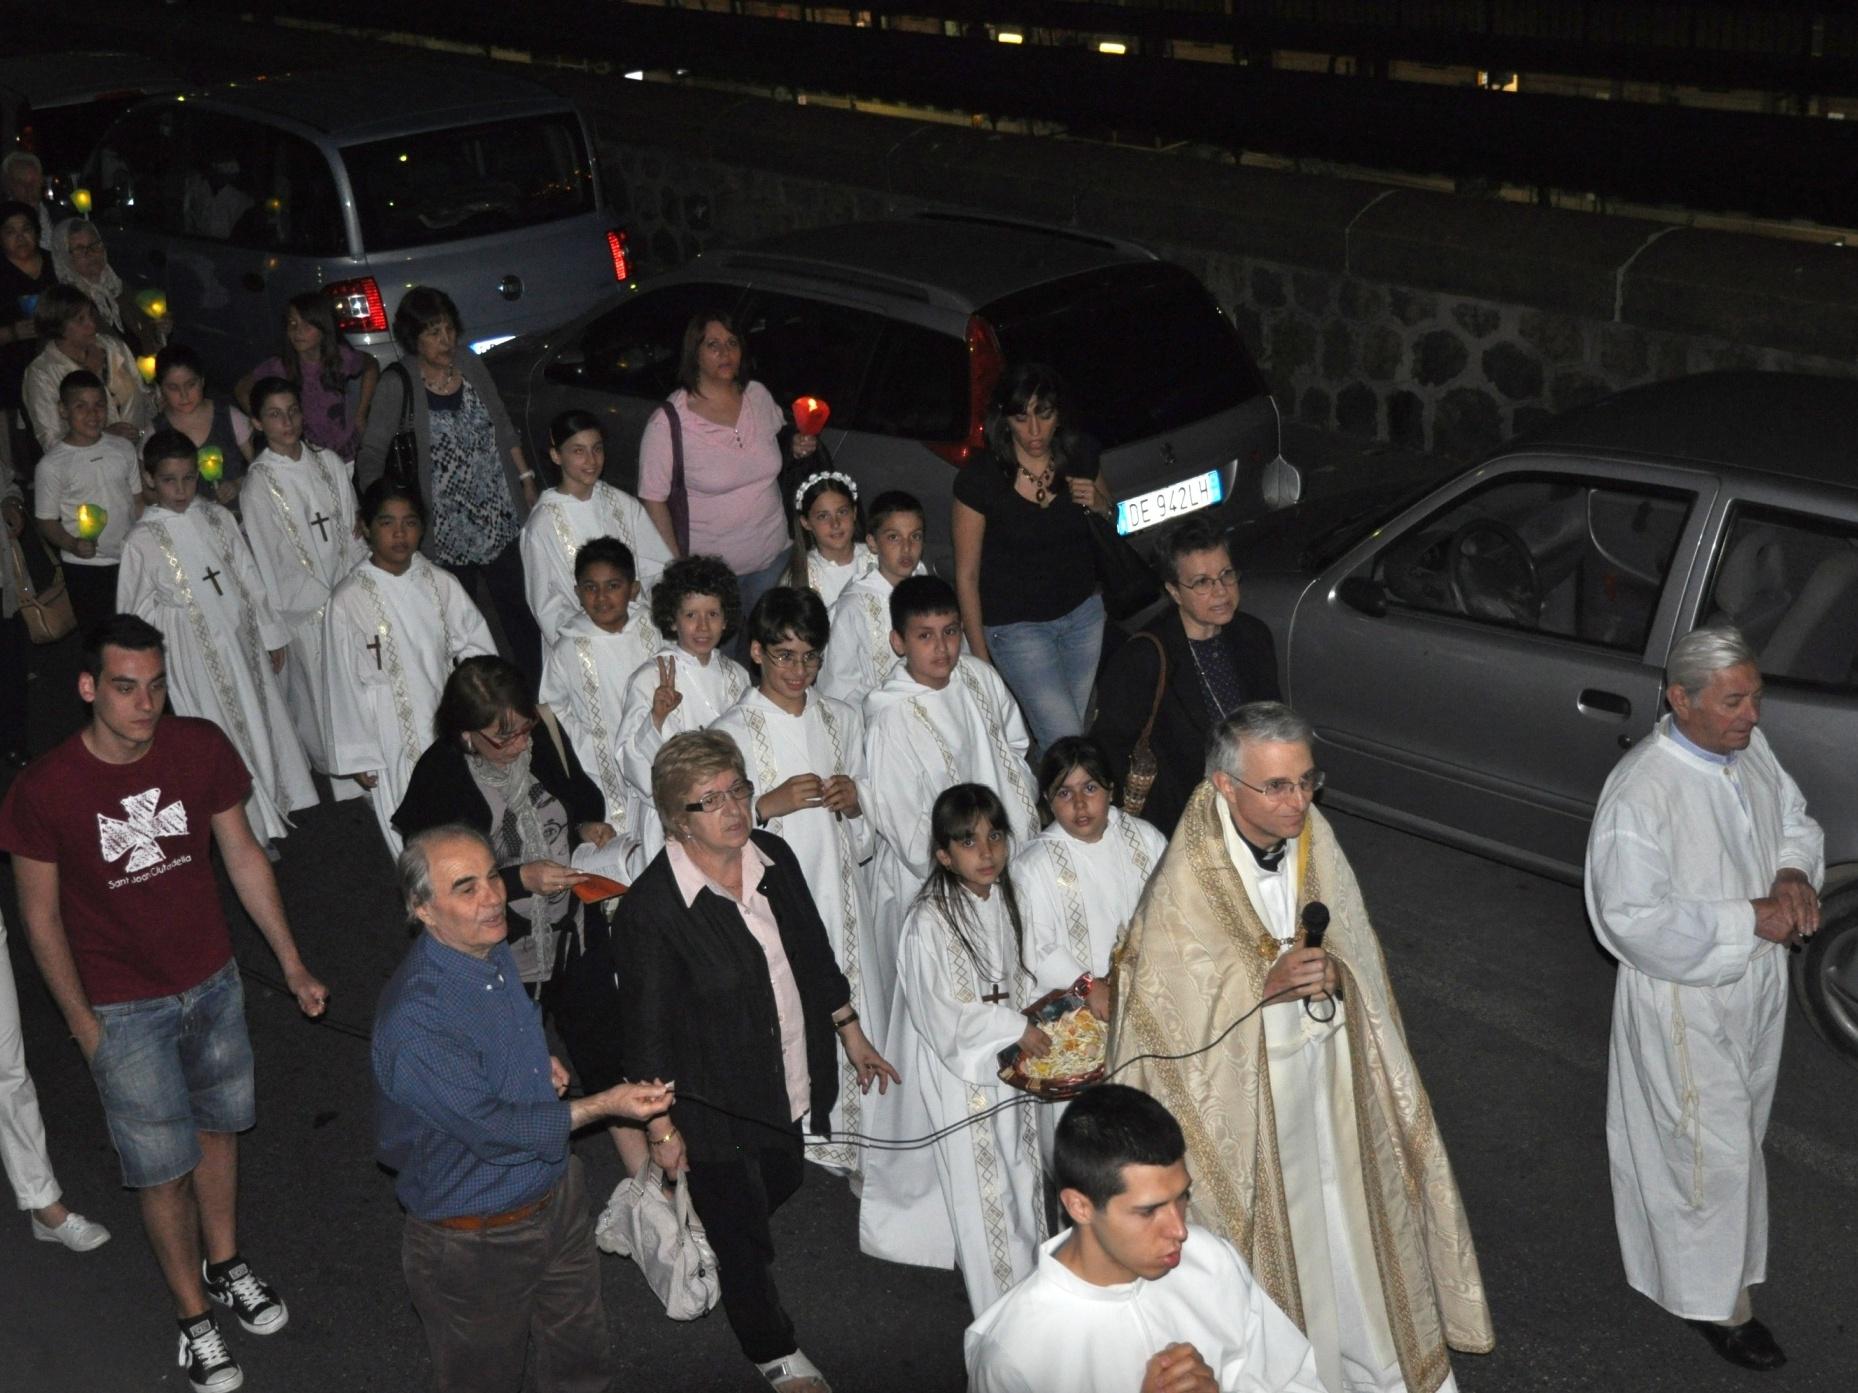 processione_madonna-2011-05-29-21-34-23